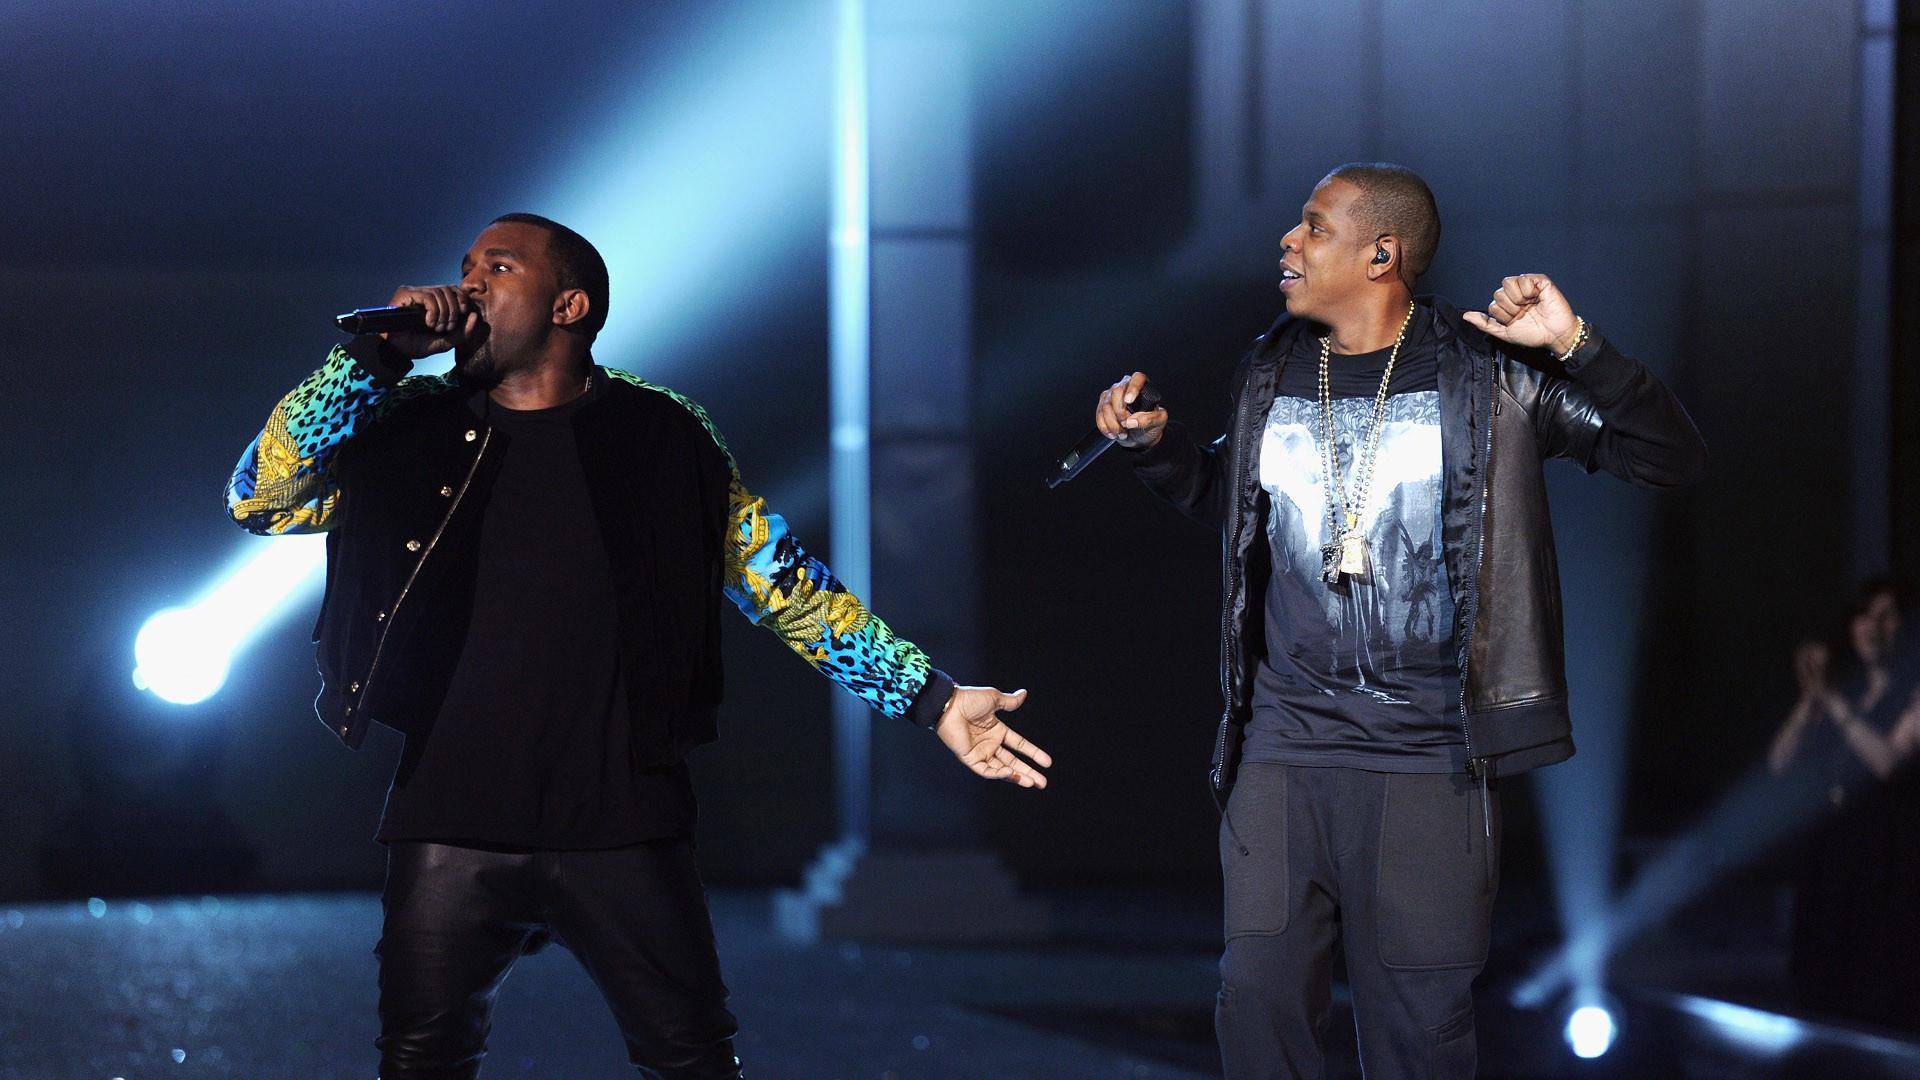 Jay Z & Kanye West | Music fanart | fanart.tv Jay Z Kanye West